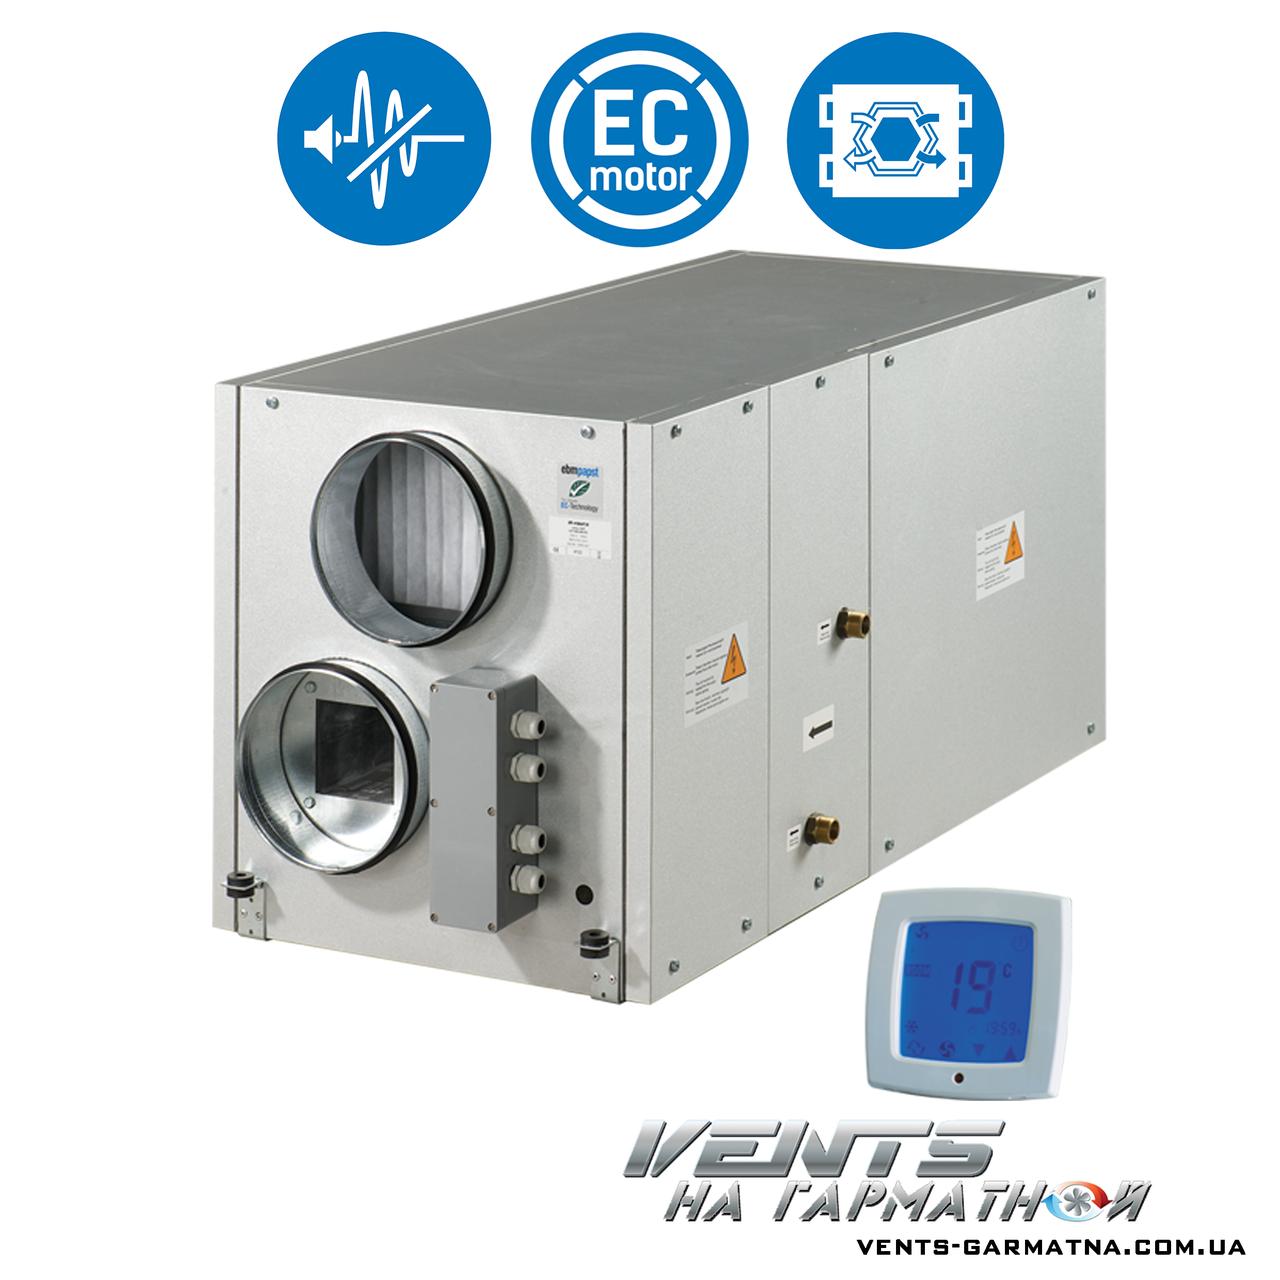 Вентс ВУТ 300-1 ВГ ЕС. Приточно-вытяжная установка с рекуператором.